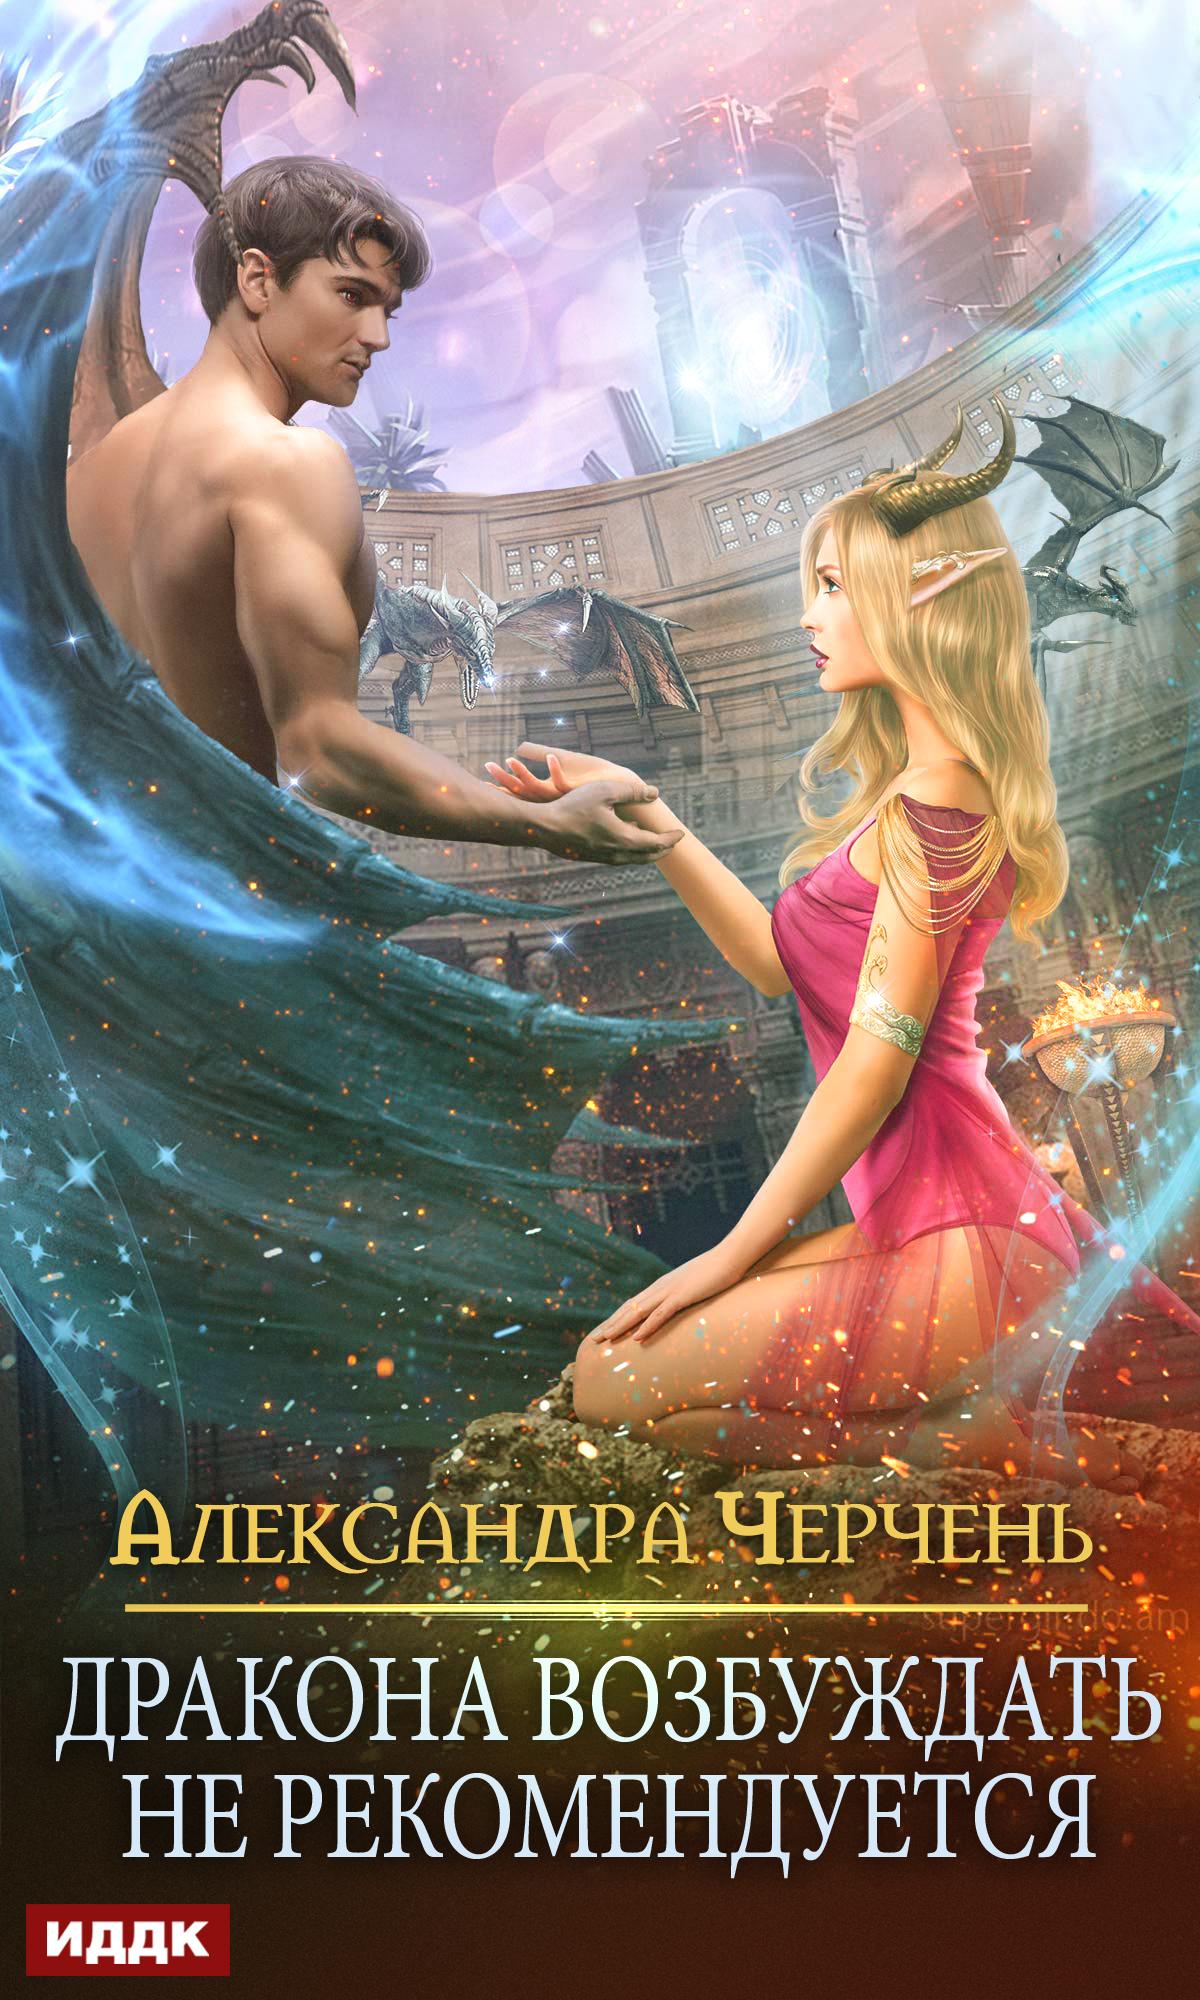 http://fantasy-worlds.org/img/full/293/29347.jpg